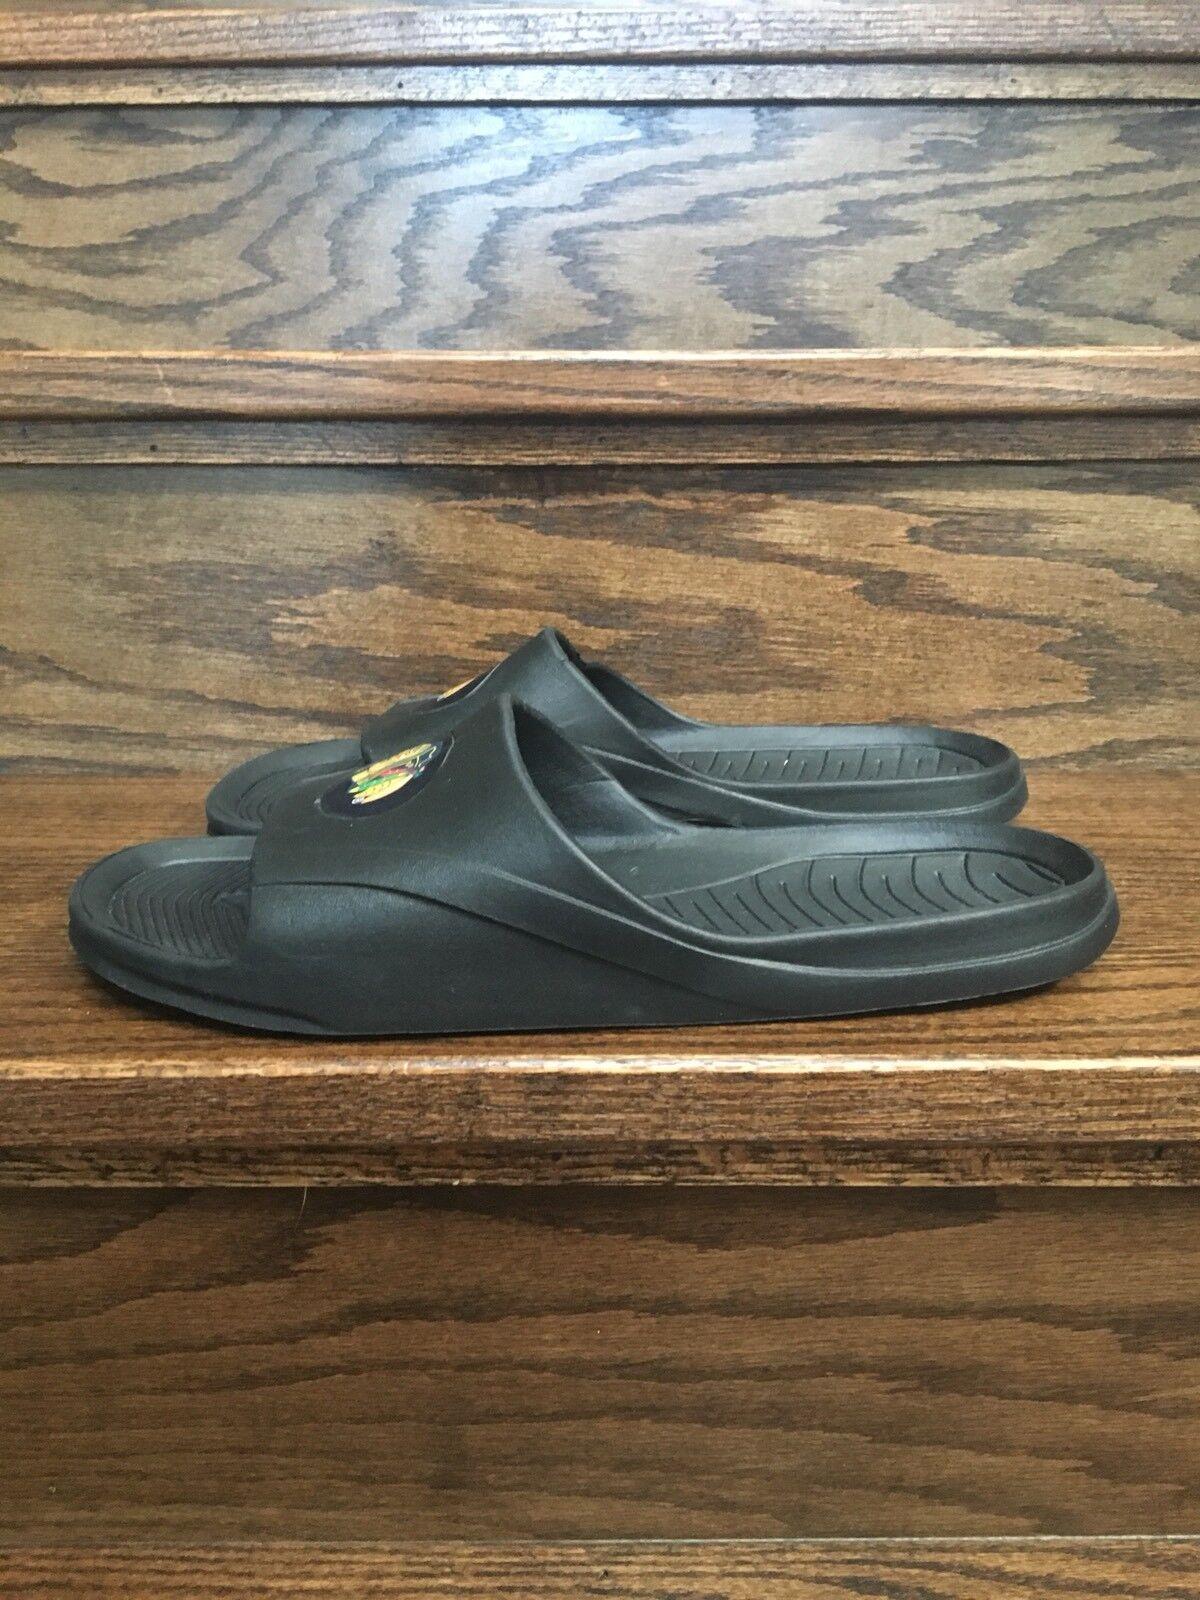 Flip Flops Mens Shoes XL Black Hawks Color Black Size XL Shoes (13-14) 187d9b